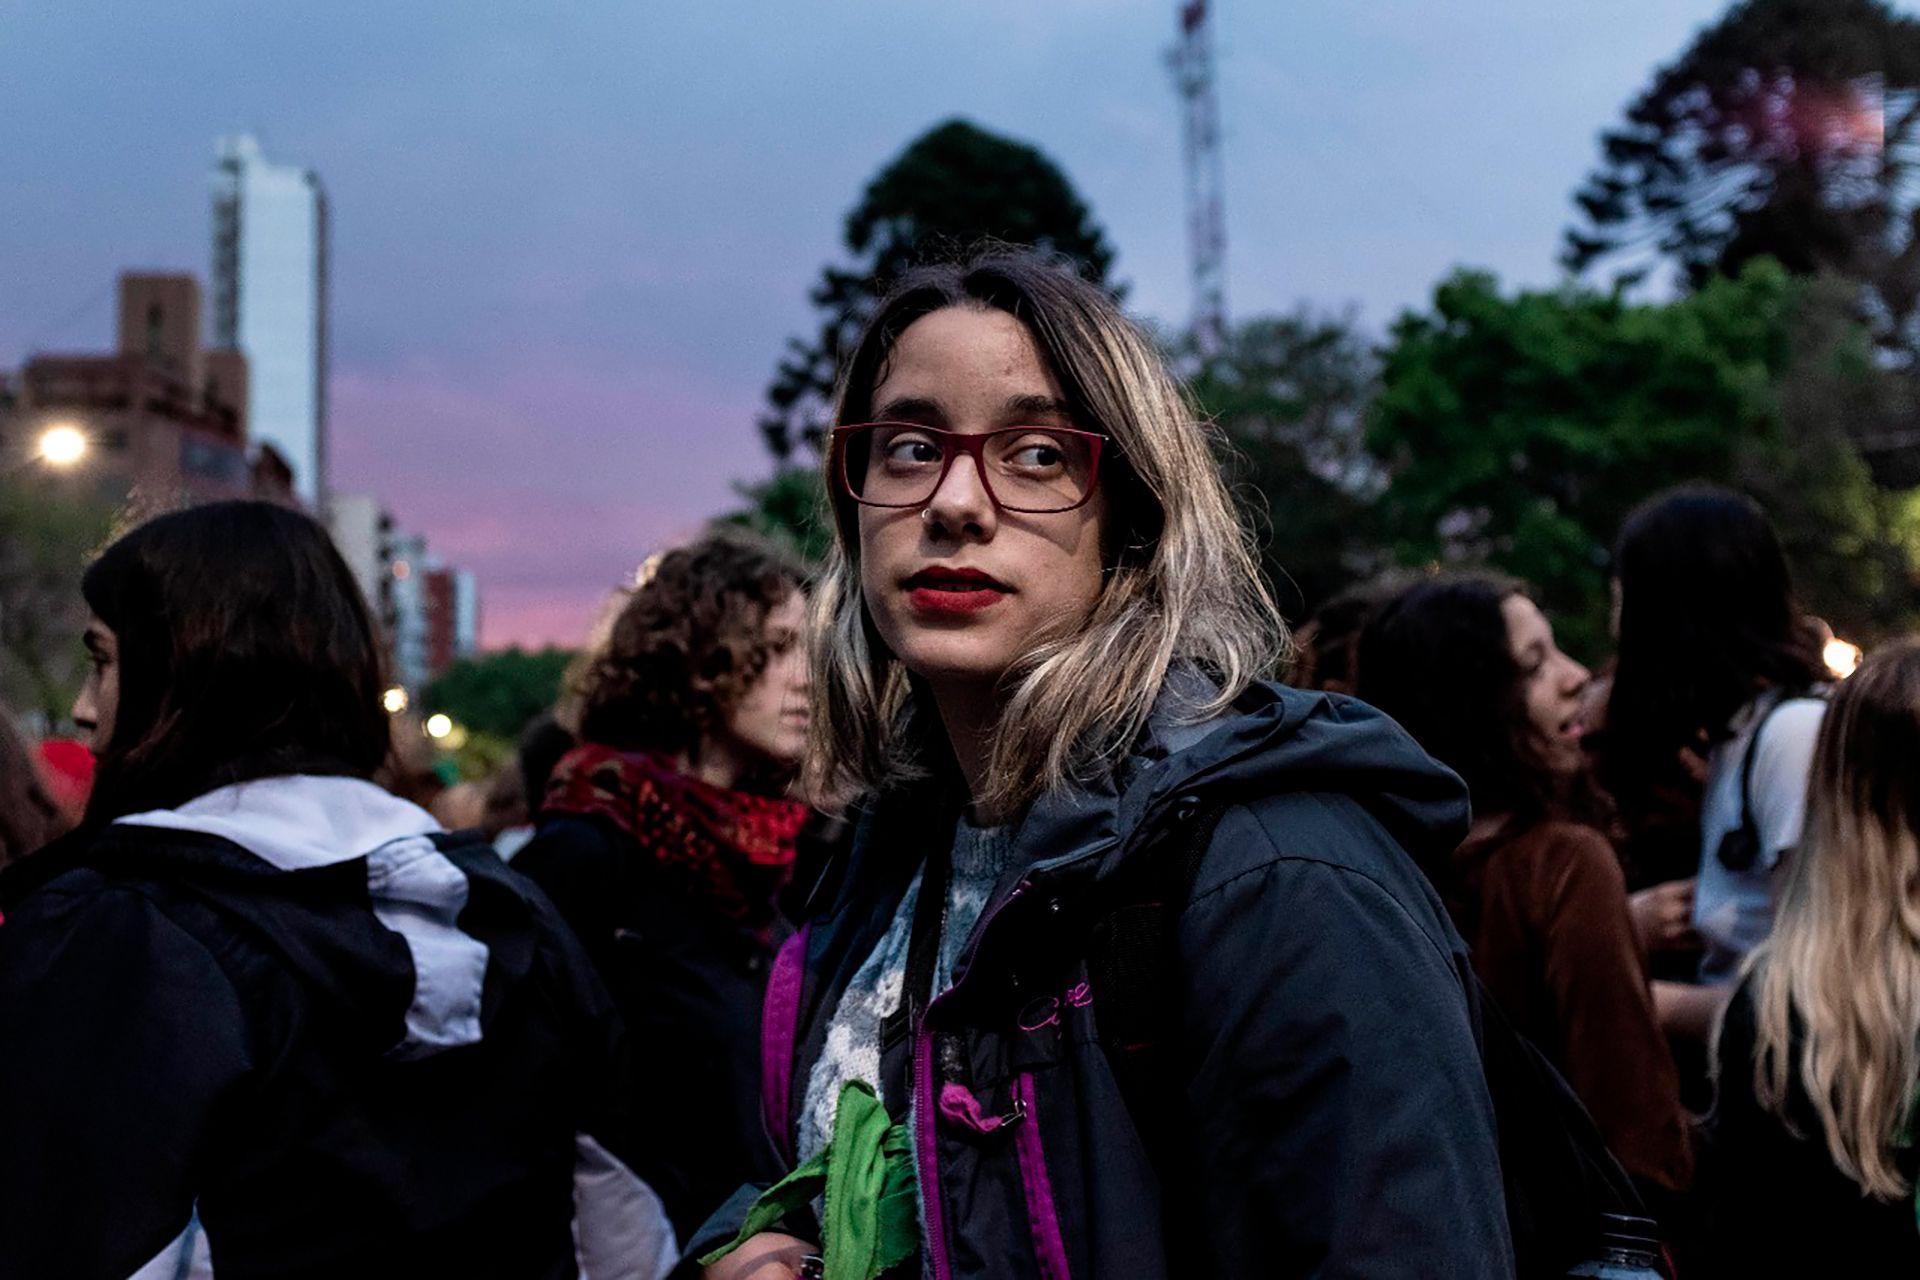 Natalia Mira, 18 años, utilizó el lenguaje inclusivo en una entrevista de TV y el video se viralizó (Crédito de las fotos de esta nota: The Washington post)